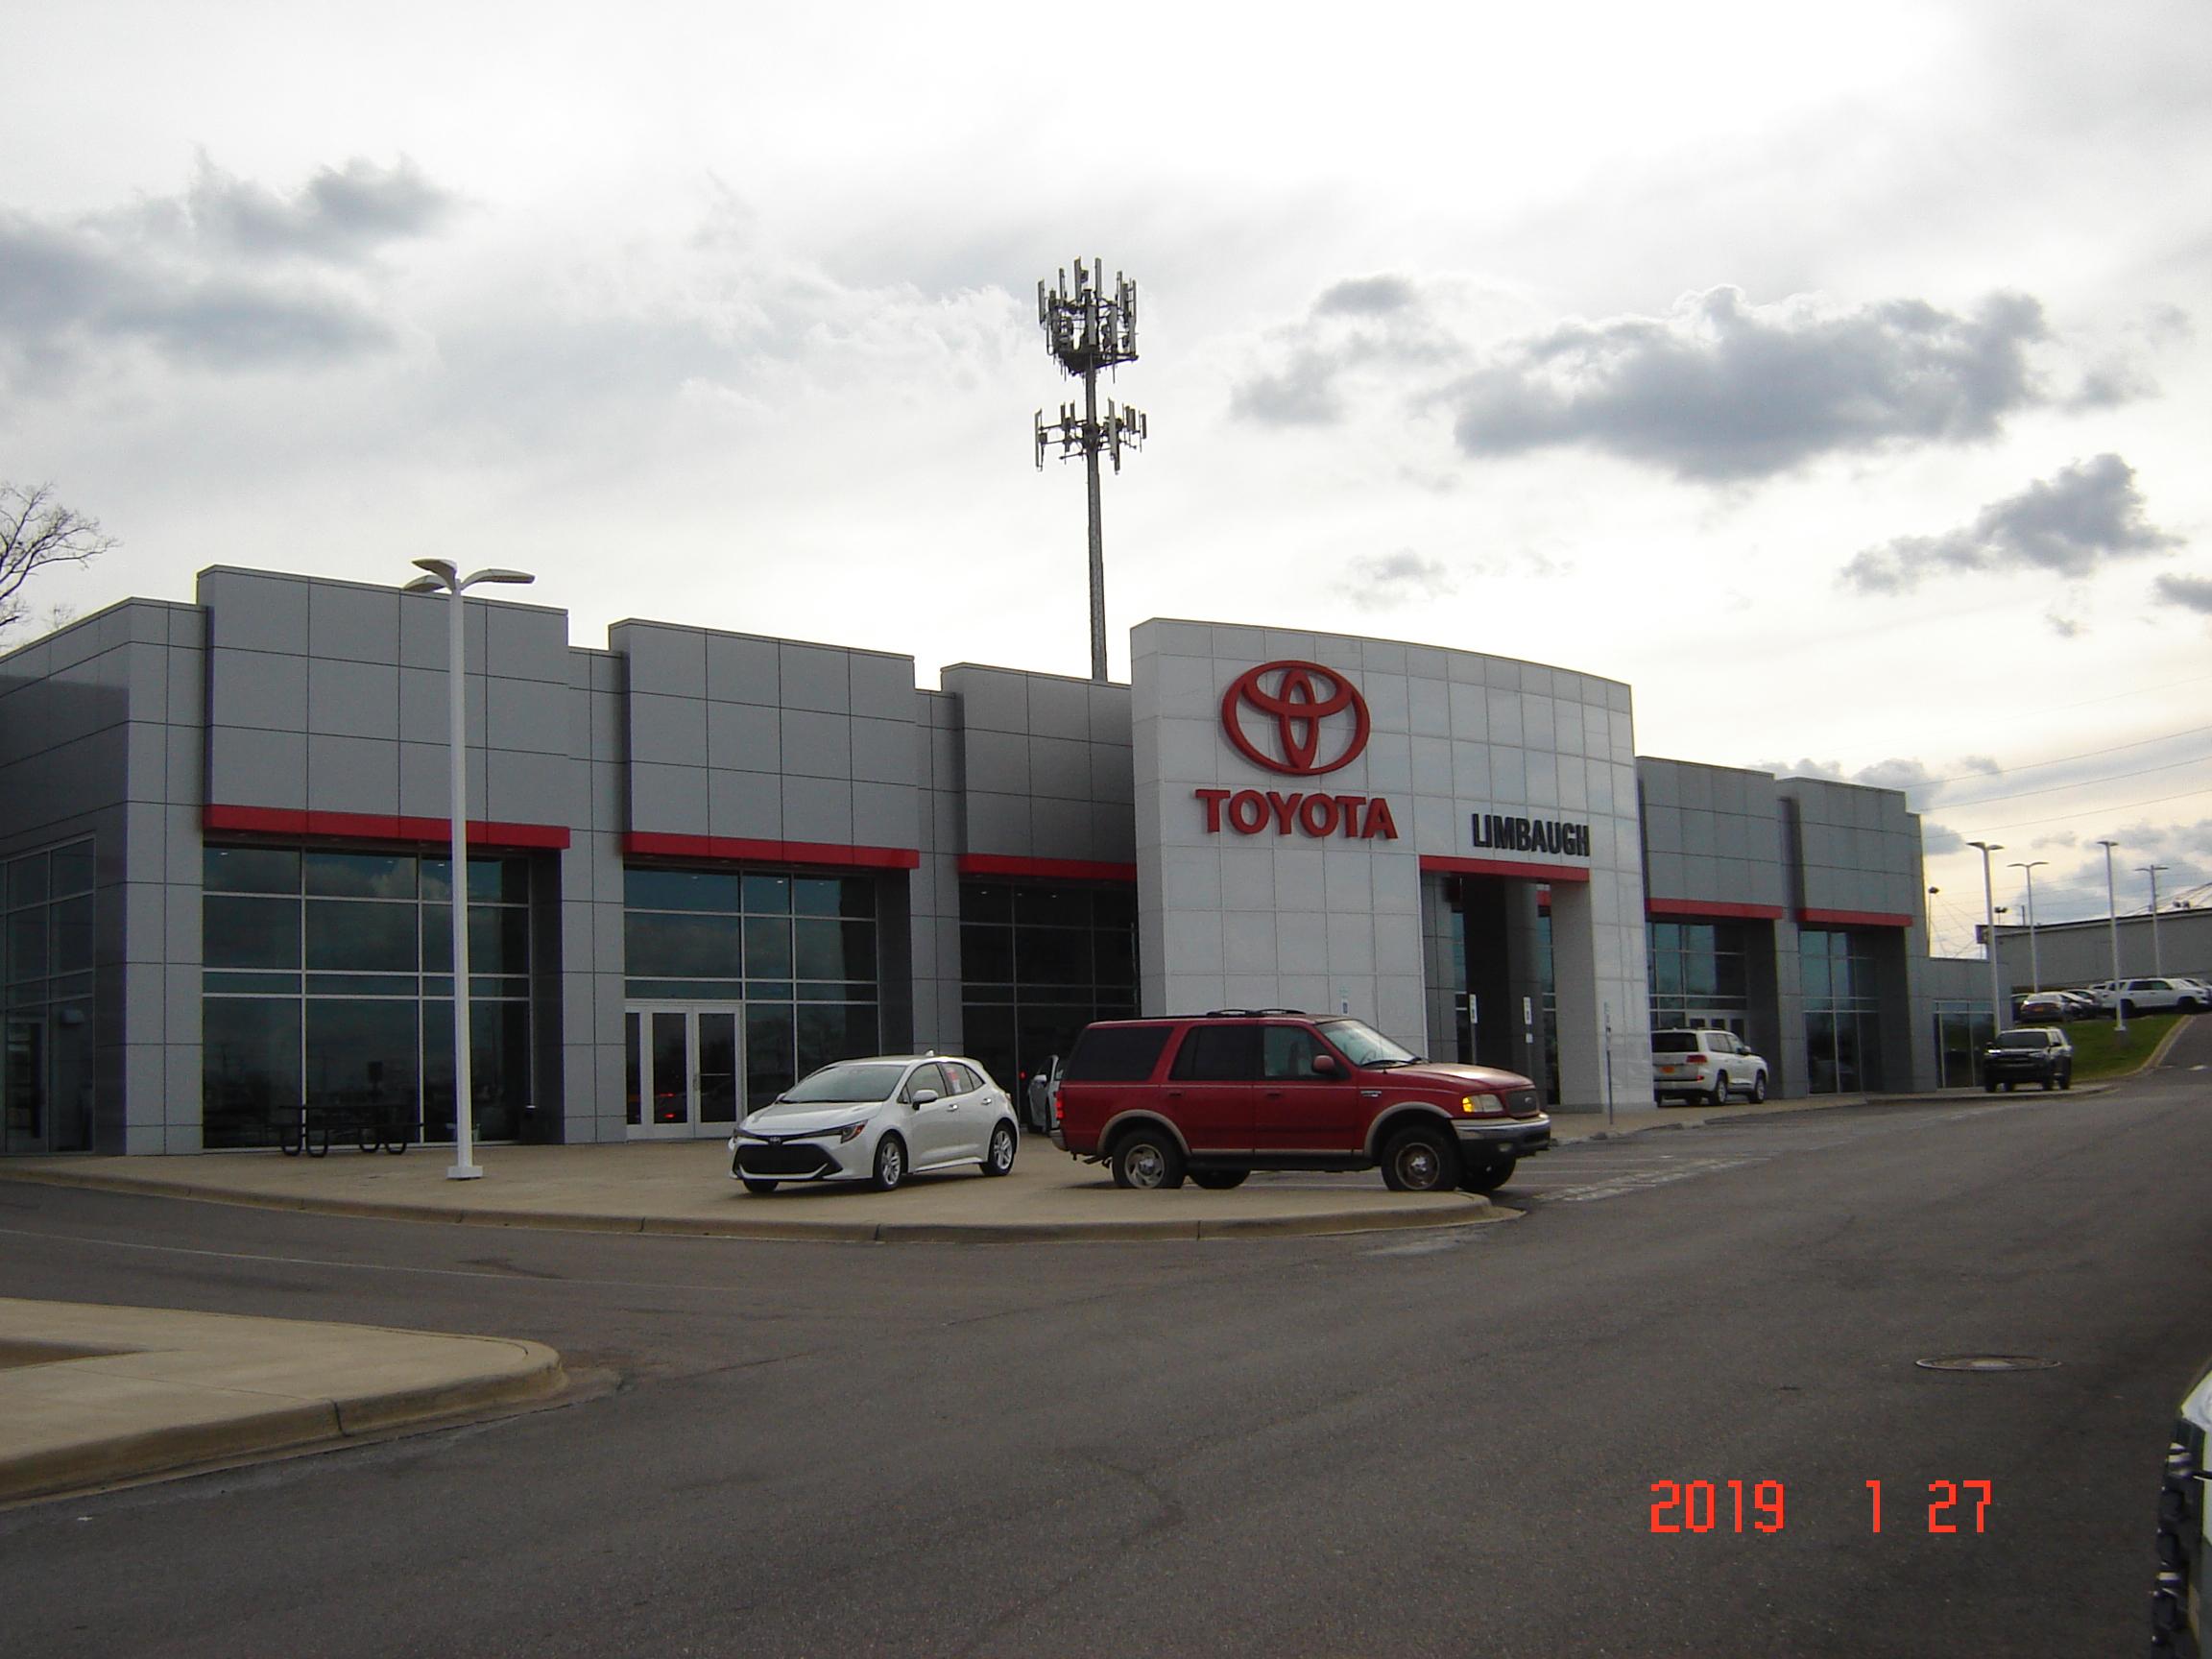 Limbaugh Toyota - Birmingham, Alabama